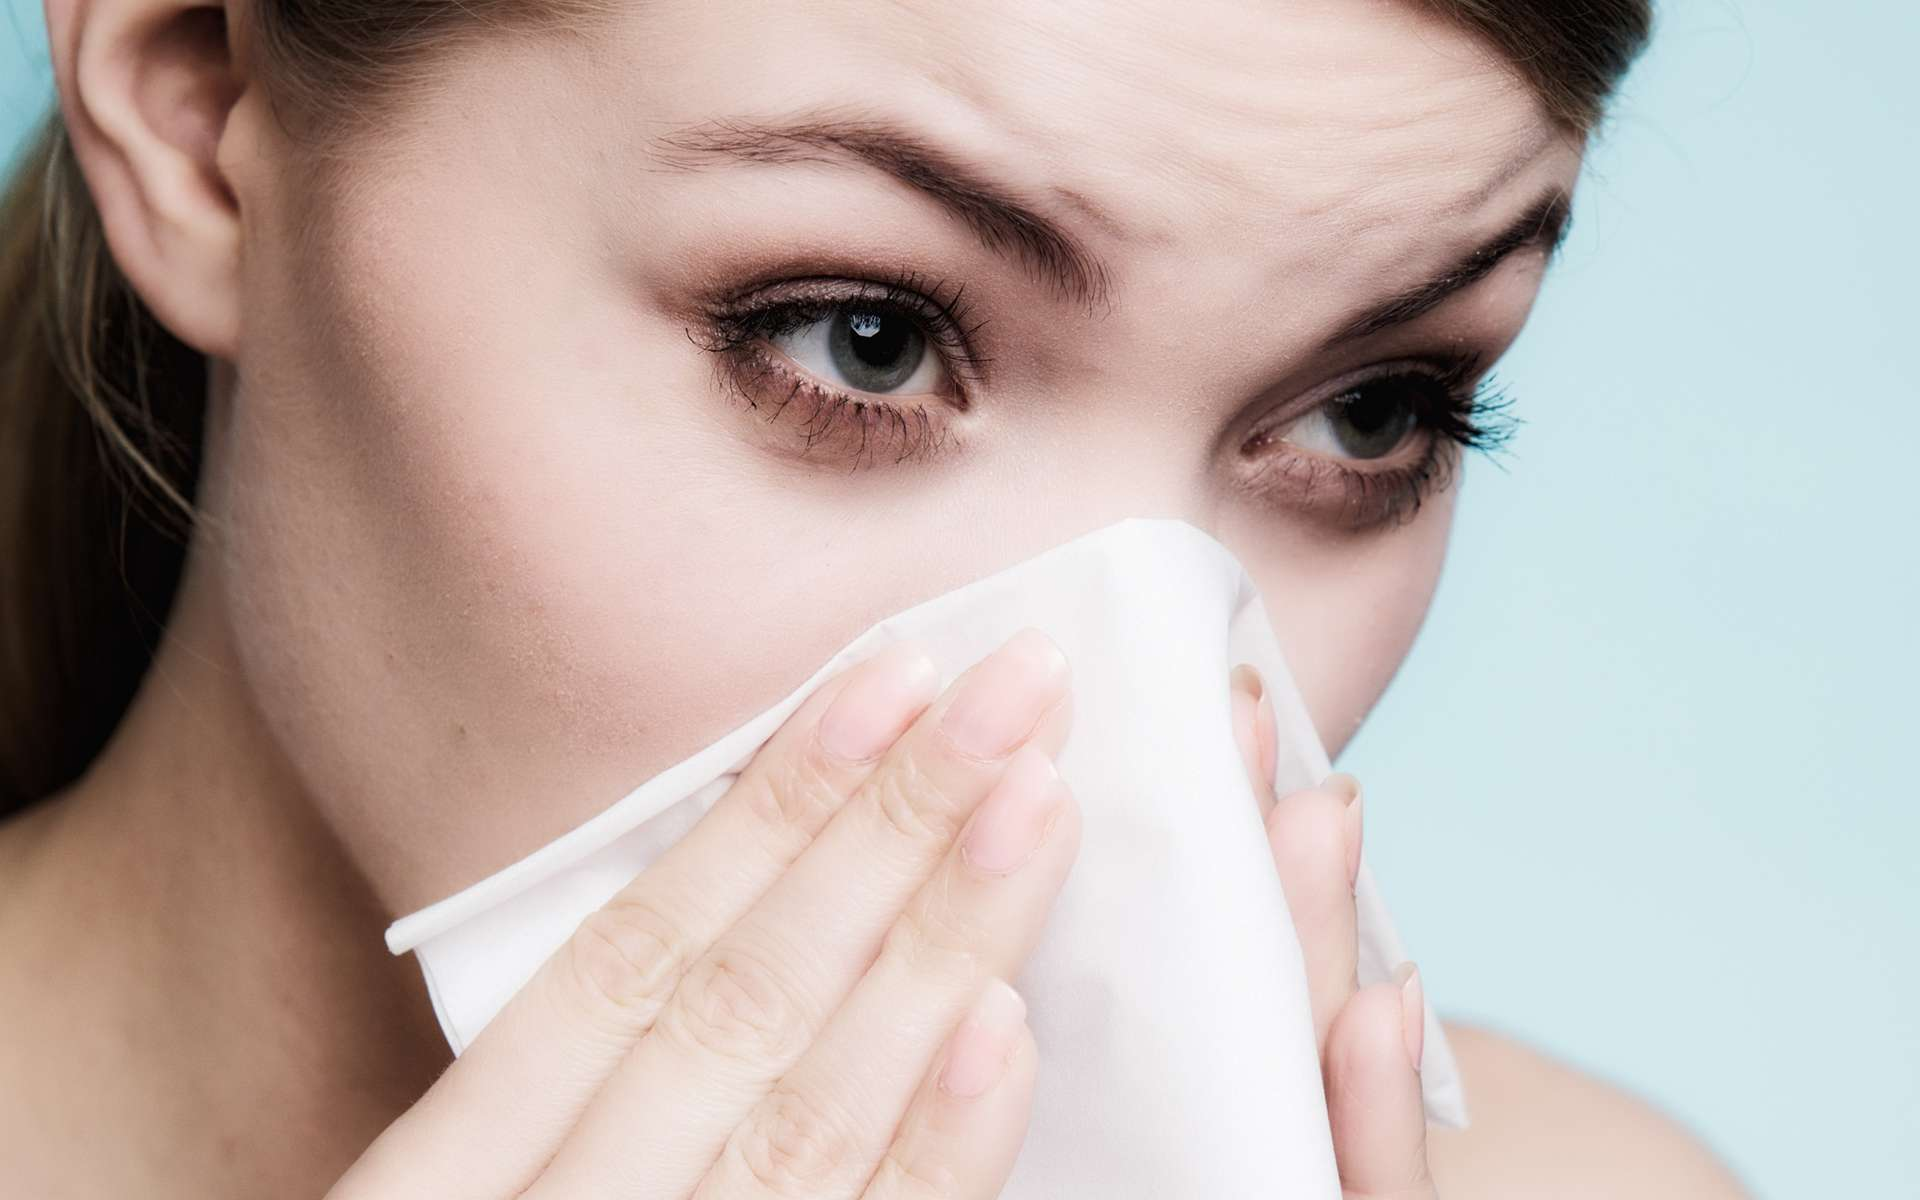 Les personnes nées en automne ou en hiver sont plus souvent allergiques. La faute à l'épigénétique. © Voyagerix, Shutterstock